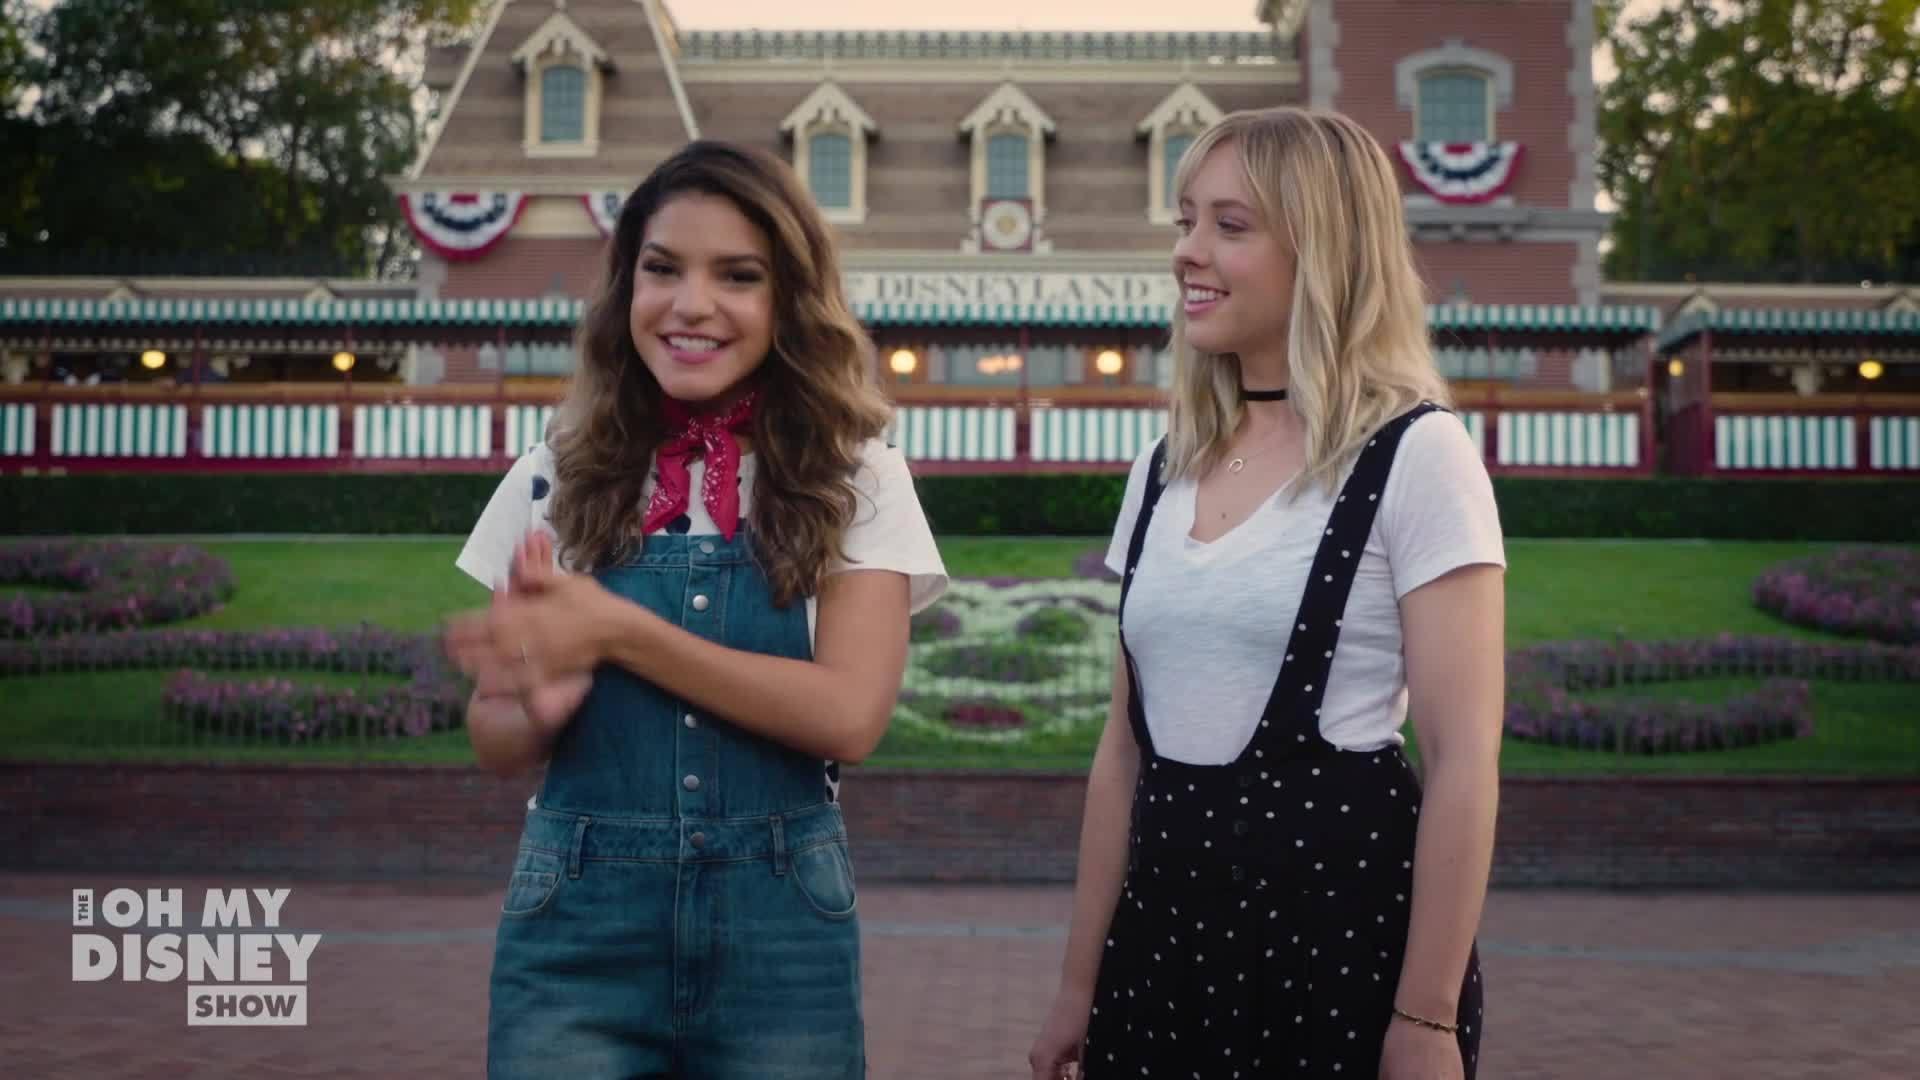 Disneyland Railroad with Ashley Nicole | Oh My Disney